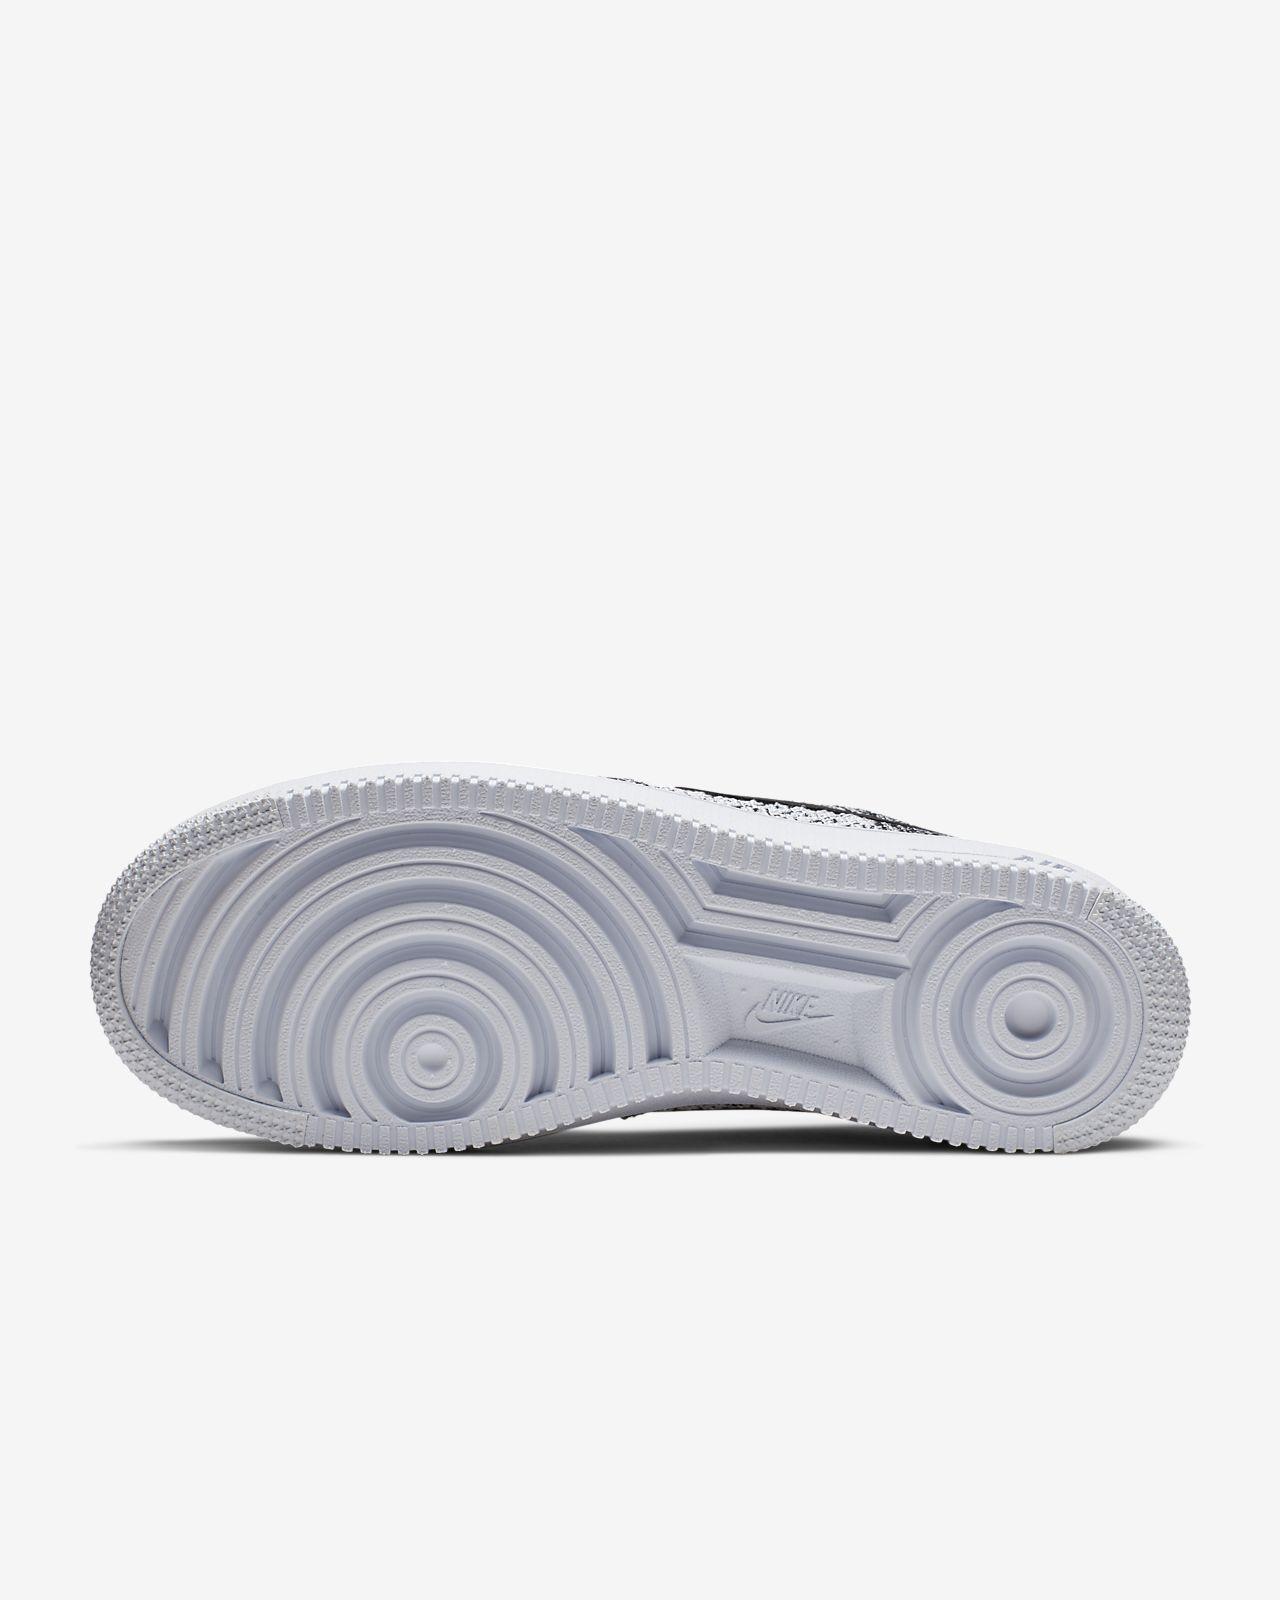 a47701c0a8e Sapatilhas Nike Air Force 1 Flyknit 2.0 para homem. Nike.com PT